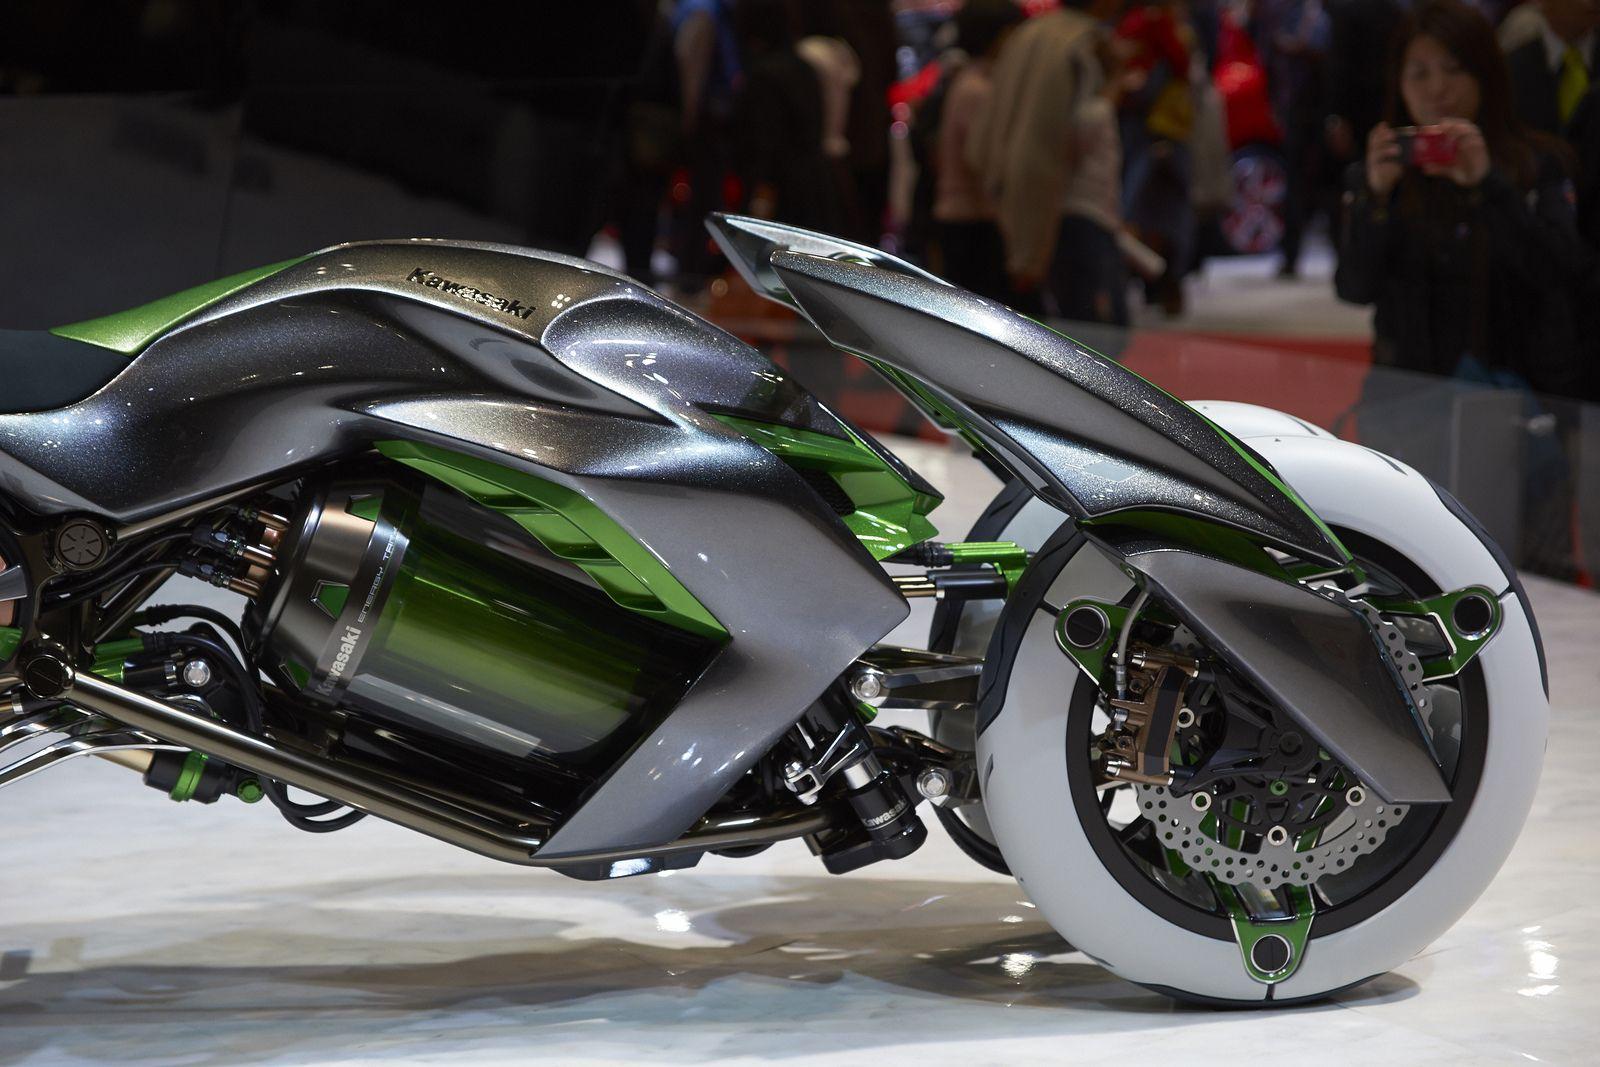 Какие бывают мотоциклы фото